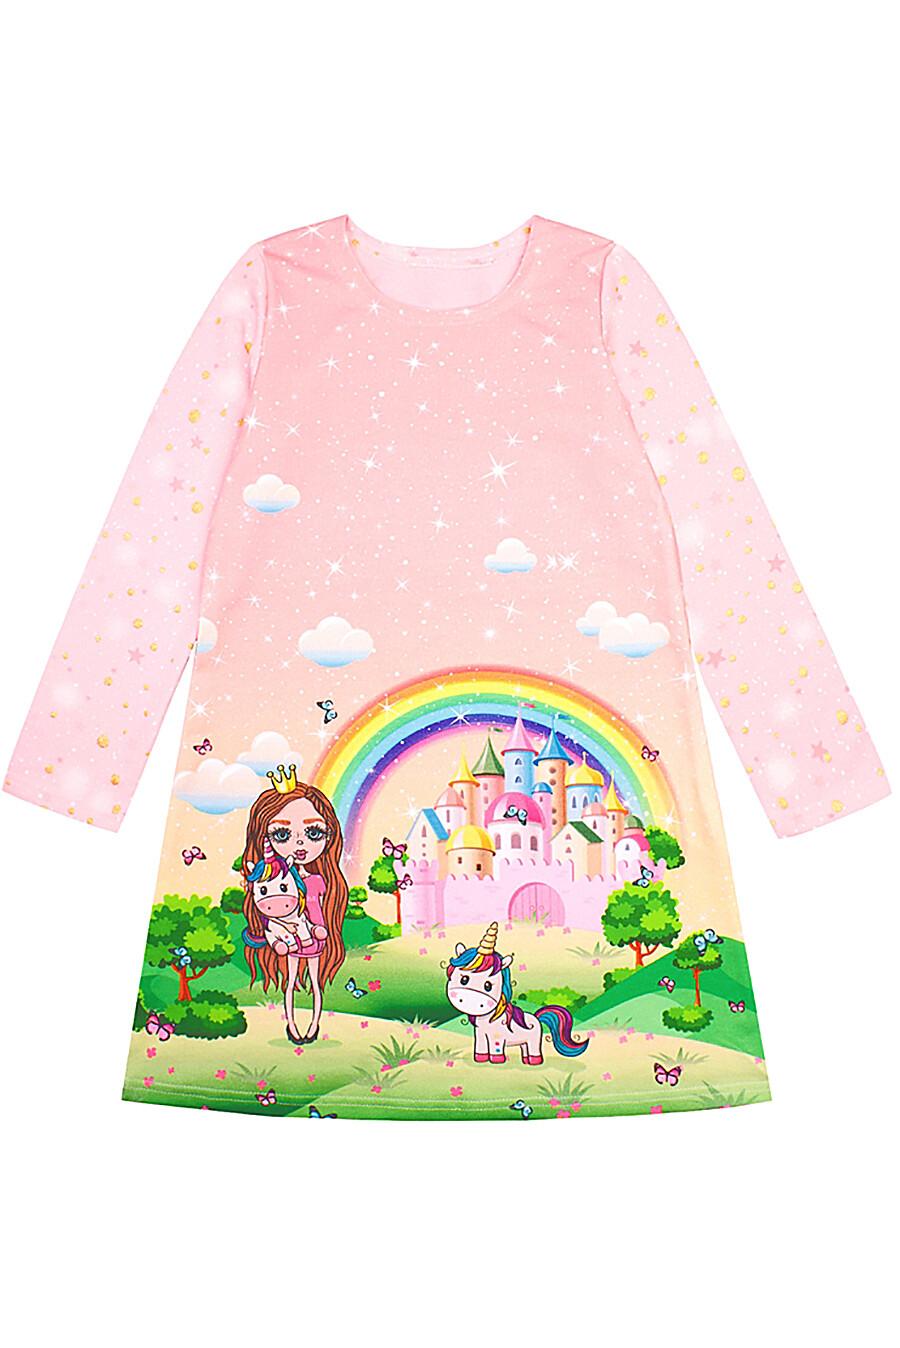 Платье для девочек АПРЕЛЬ 708761 купить оптом от производителя. Совместная покупка детской одежды в OptMoyo